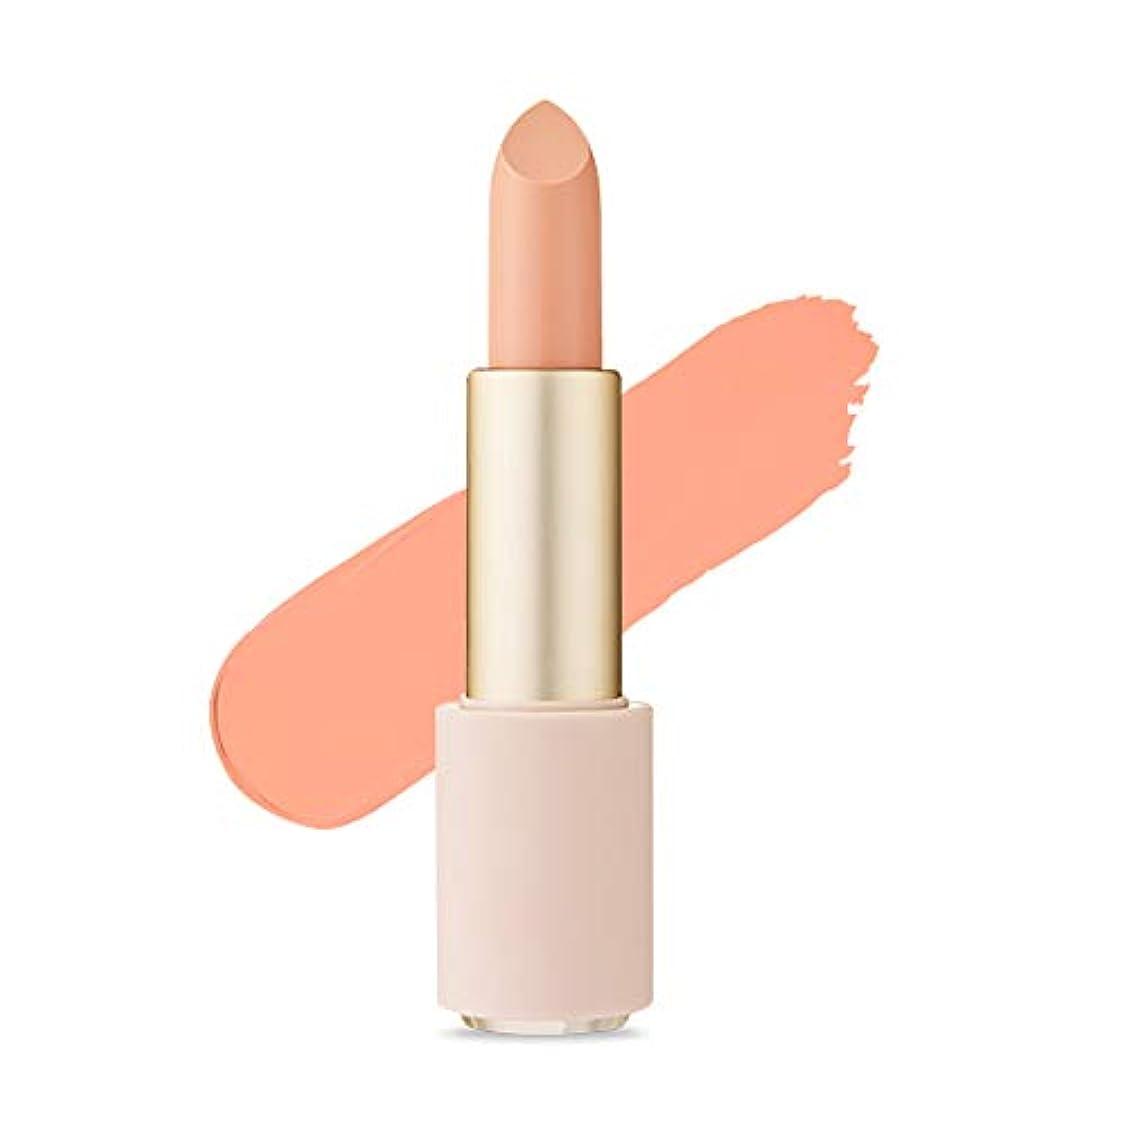 哀れなフォーマル倉庫Etude House Better Lips Talk Velvet エチュードハウス ベター リップス - トーク ベルベット (# BE101 Soft Lace) [並行輸入品]